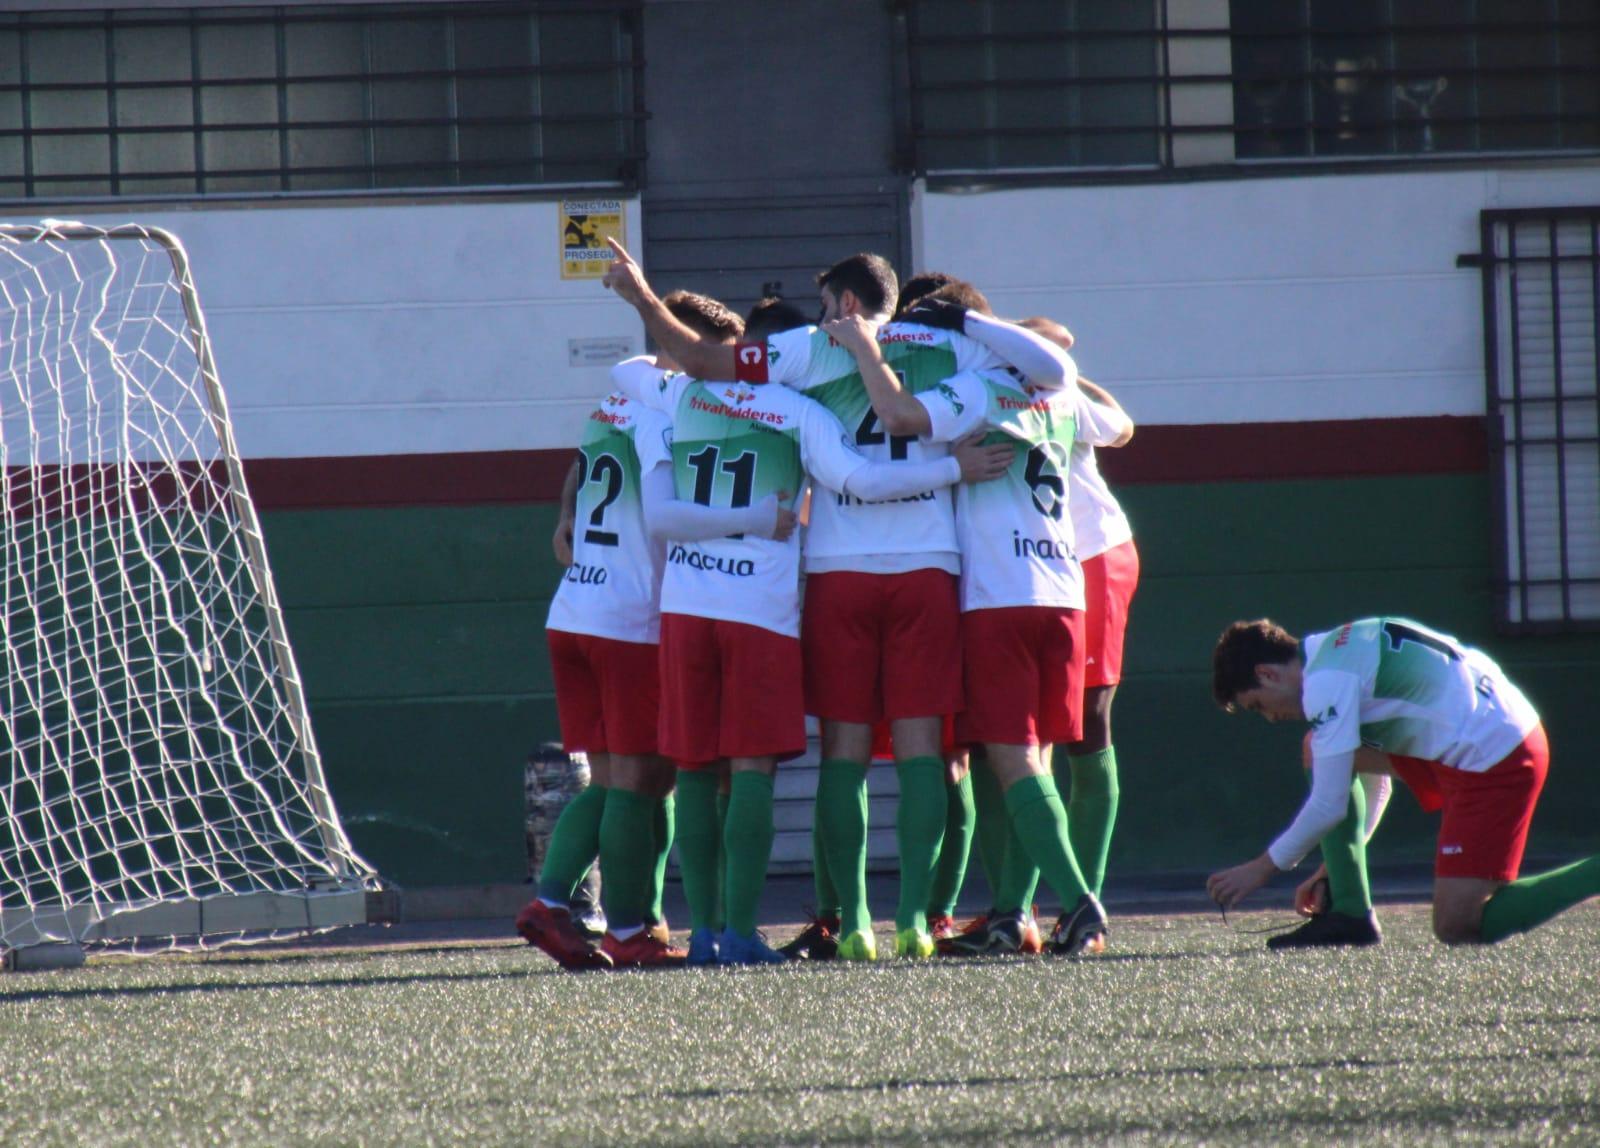 CRÓNICA TERCERA | Los Reyes reparten los puntos en el primer partido del 2019